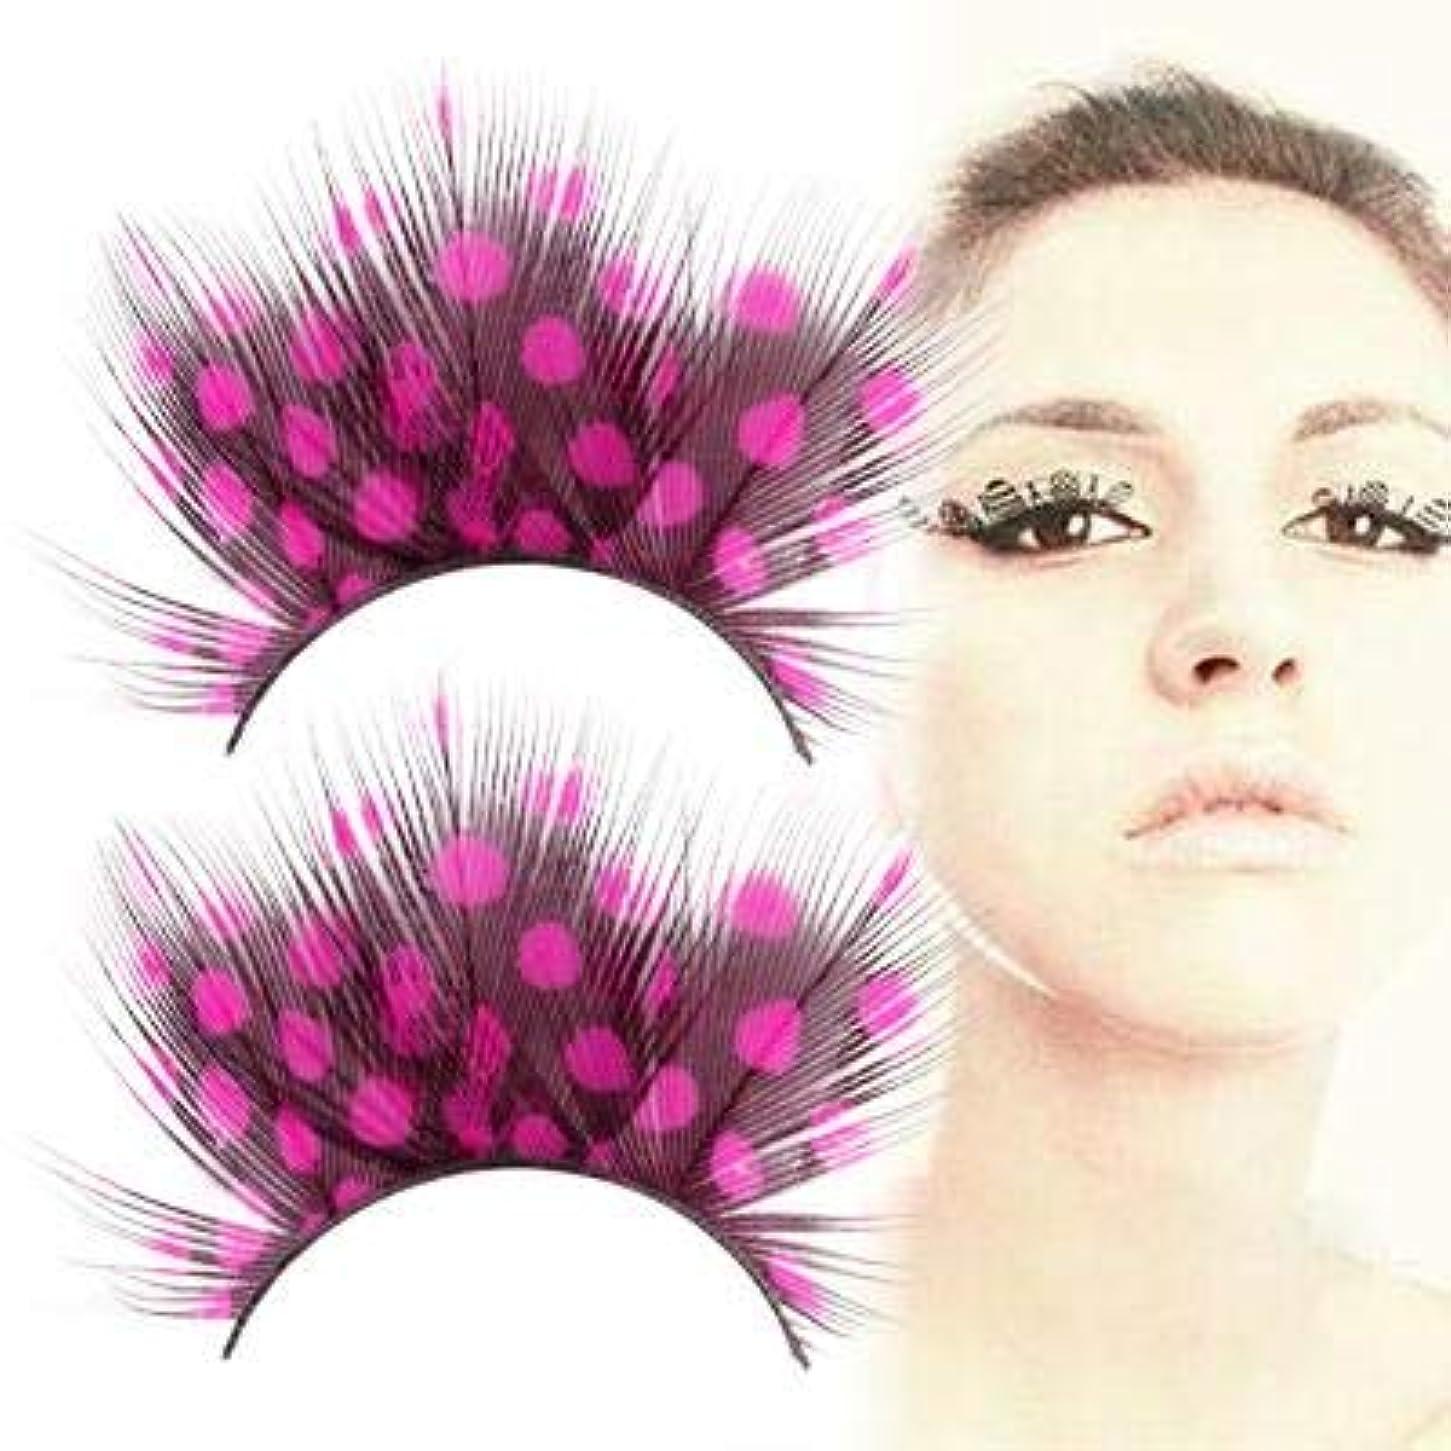 賢い盆豊富美容アクセサリー ペアのスポットデザイン大きな目の偽のまつげ 写真美容アクセサリー (色 : Color1)